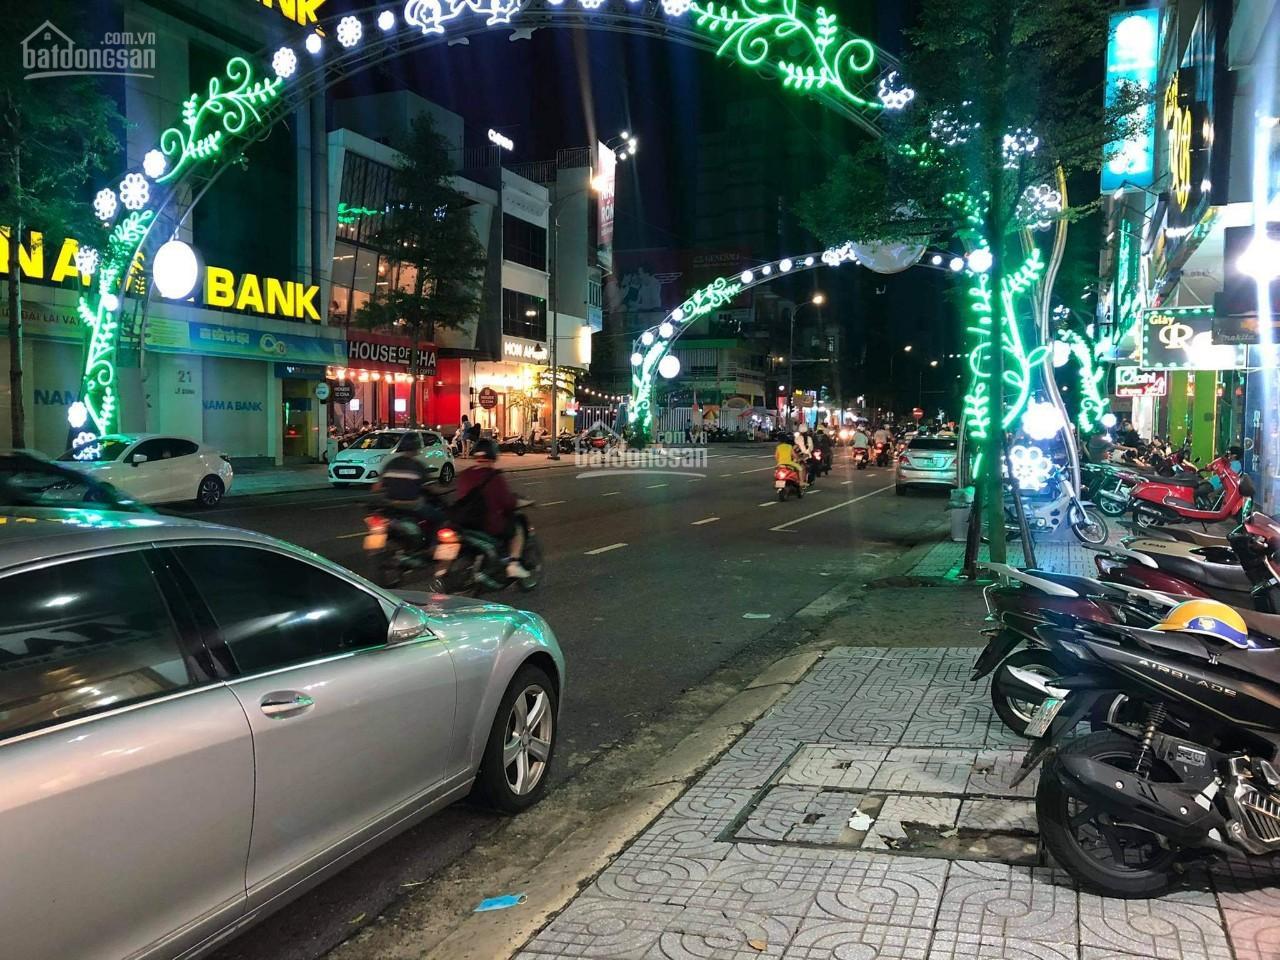 Chính chủ cho thuê nhà nguyên căn - 3 mặt tiền - đường Lê Duẩn - Đà Nẵng